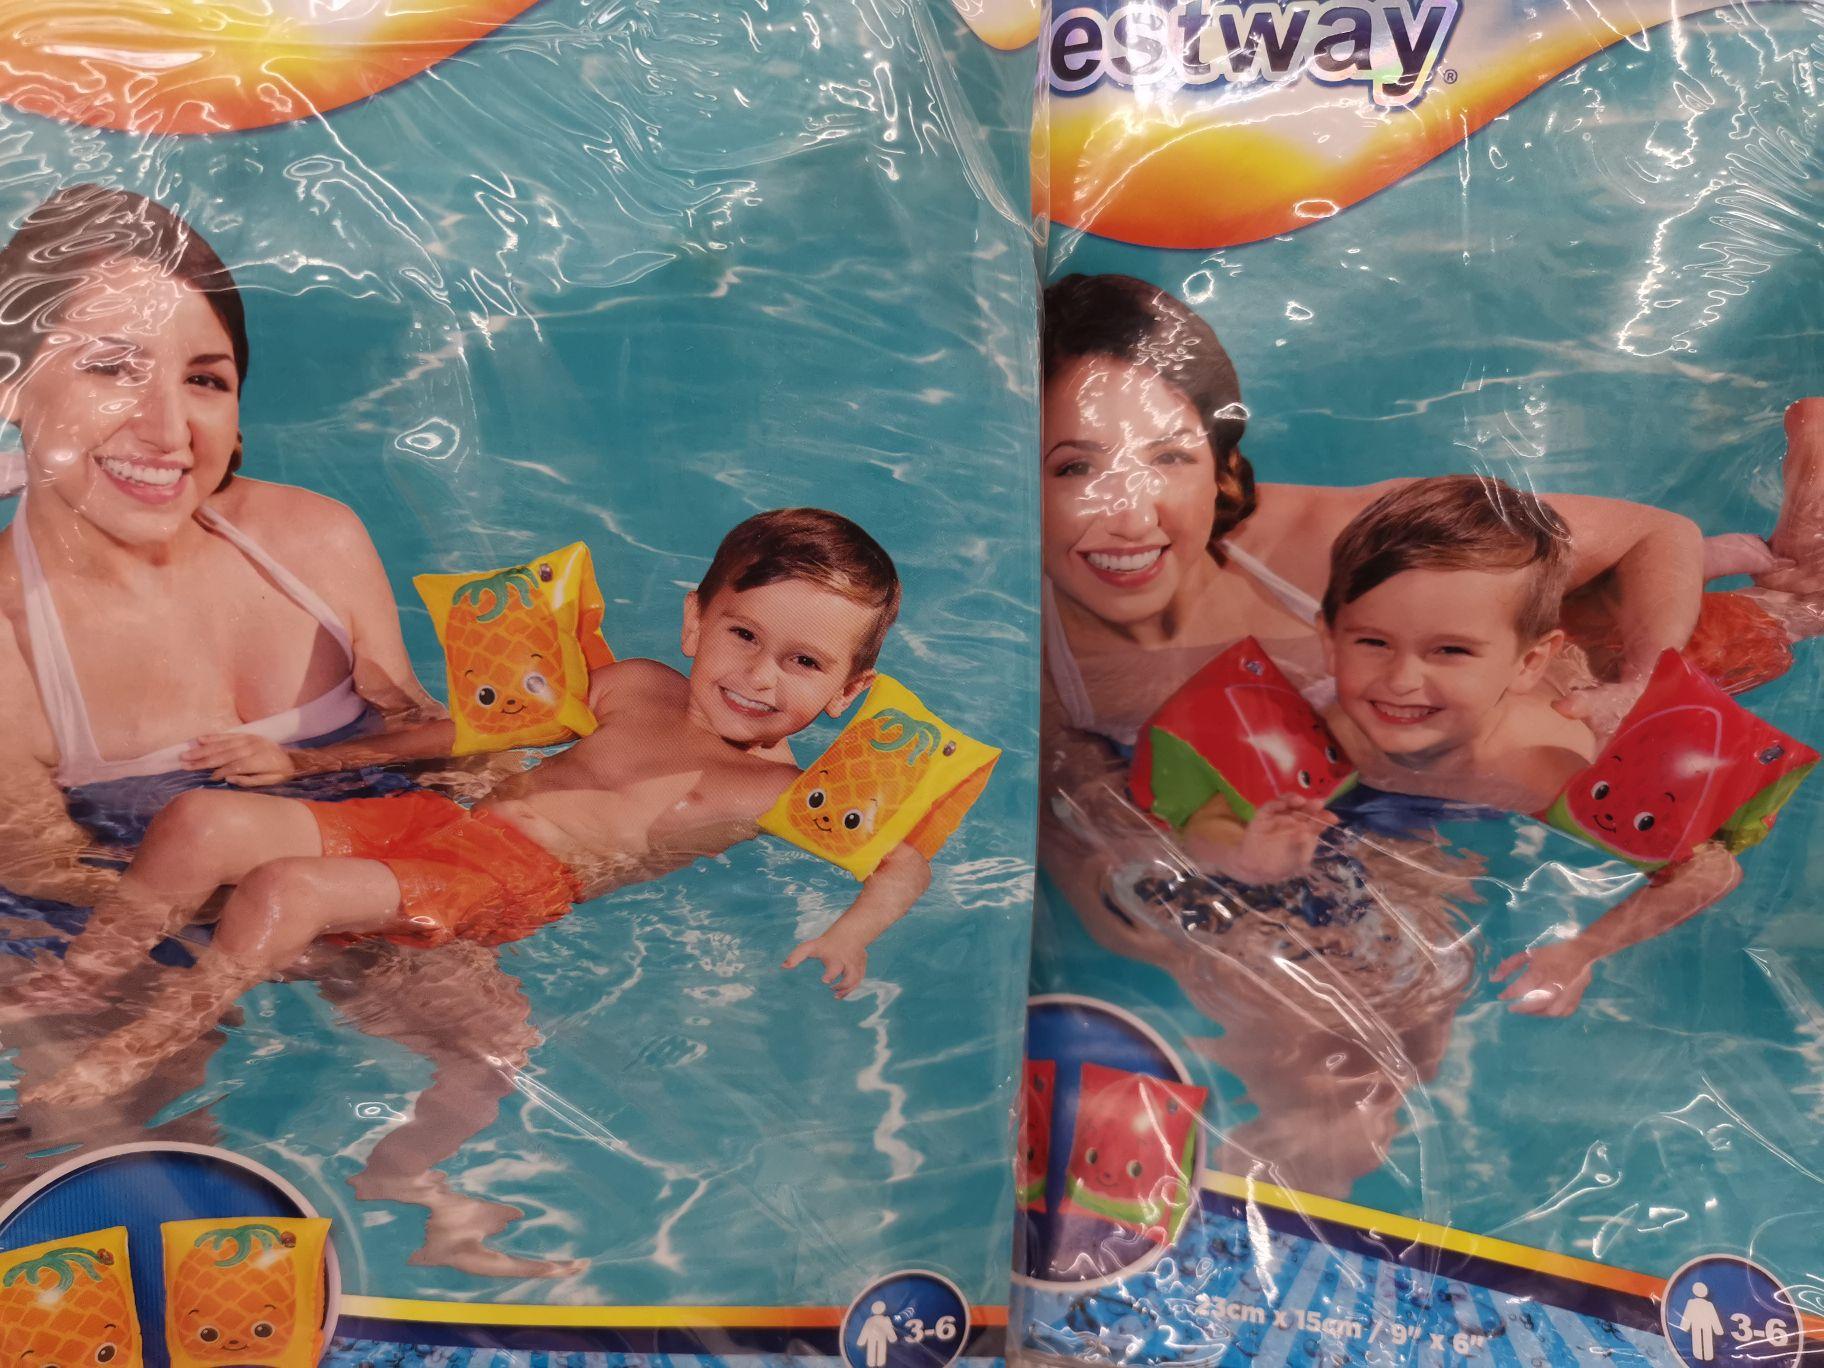 Rękawki do pływania BestWay, koło do pływania INTEX, materace INTEX BestWay, Kamizelka BestWay w Auchan Warszawa/Marki Centrum Handlowe M1